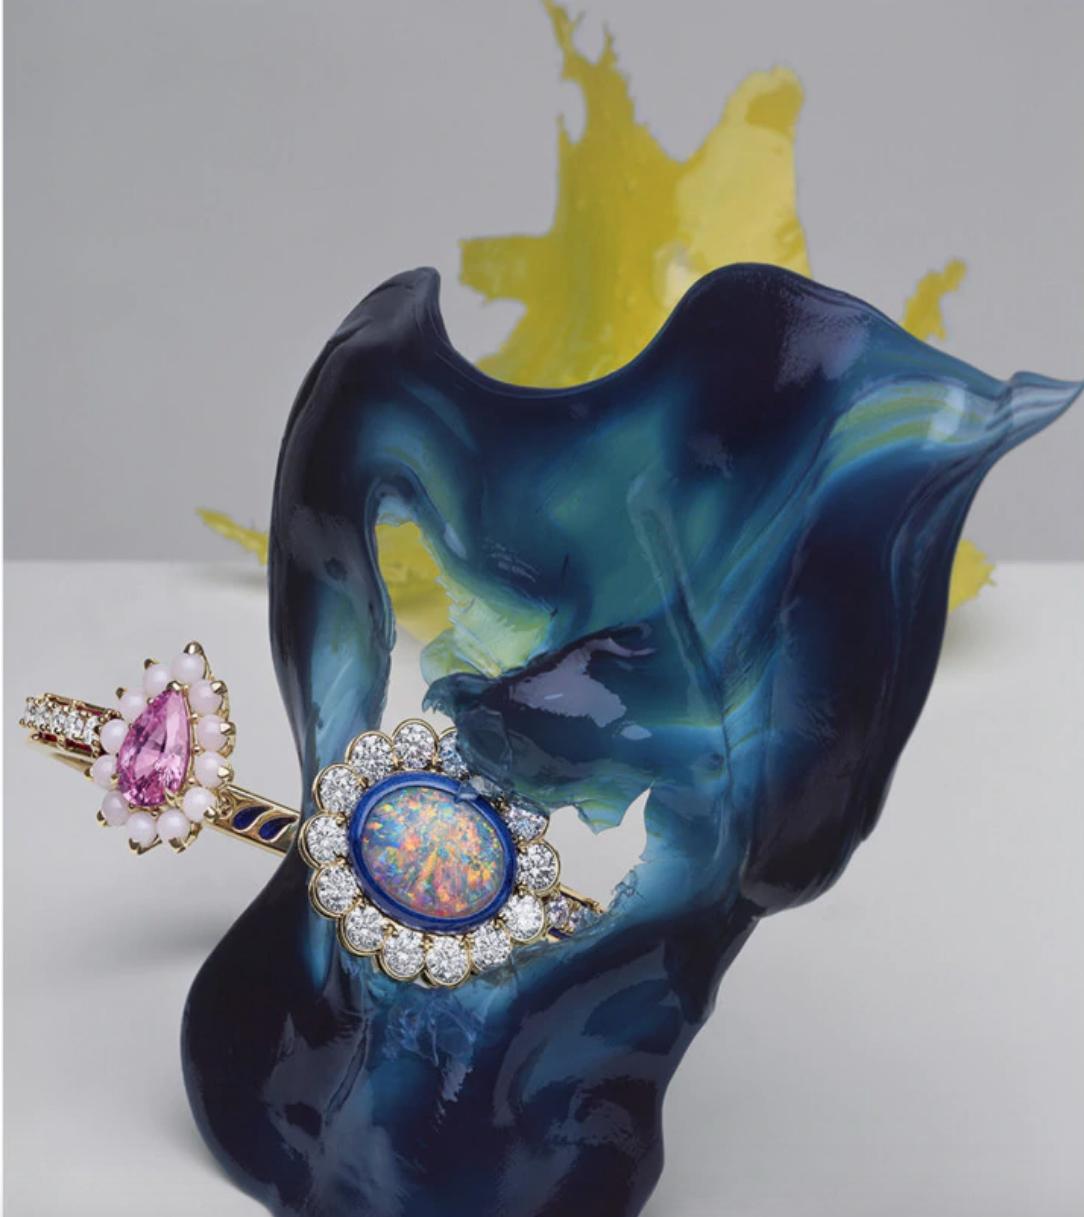 Colecciones de joyas con las que deslumbrar